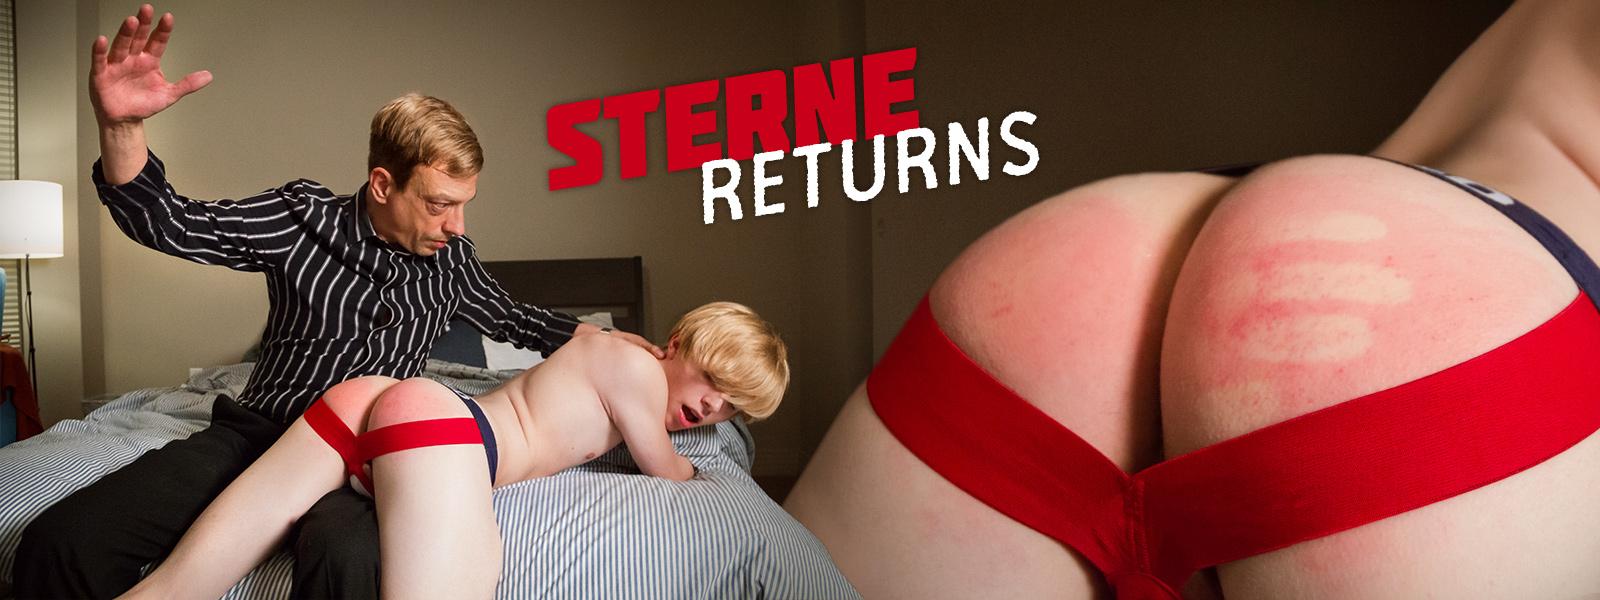 Sterne Returns